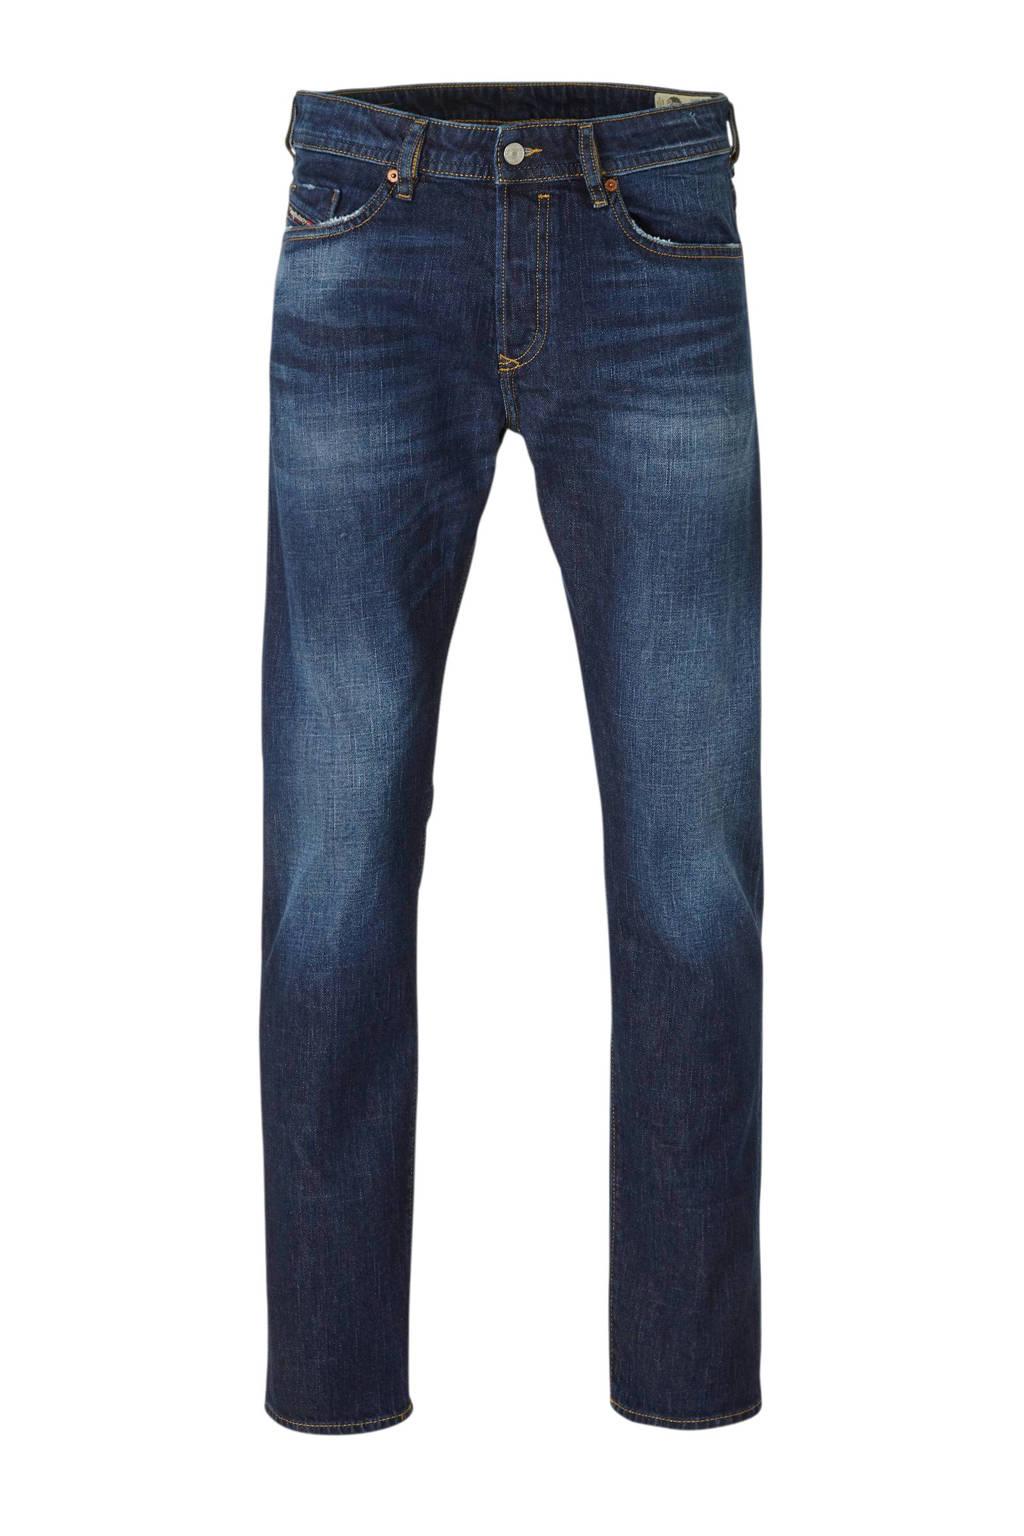 Diesel regular fit jeans Buster blauw, Blauw